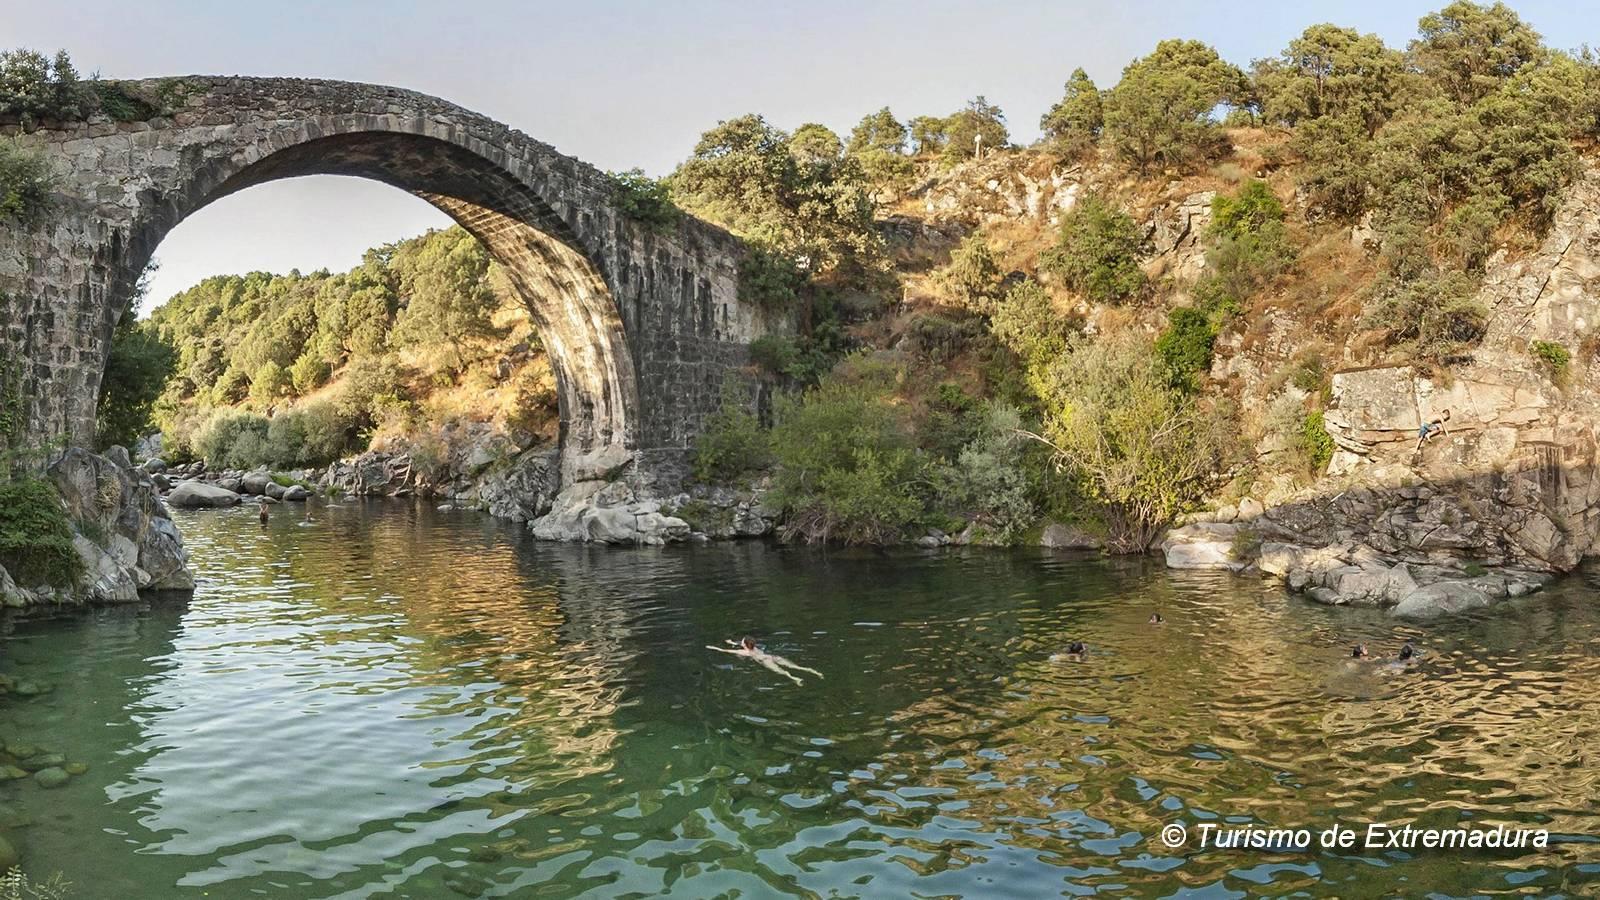 Je kunt heerlijk zwemmen in de natuurlijke zwembaden van Extremadura Spanje